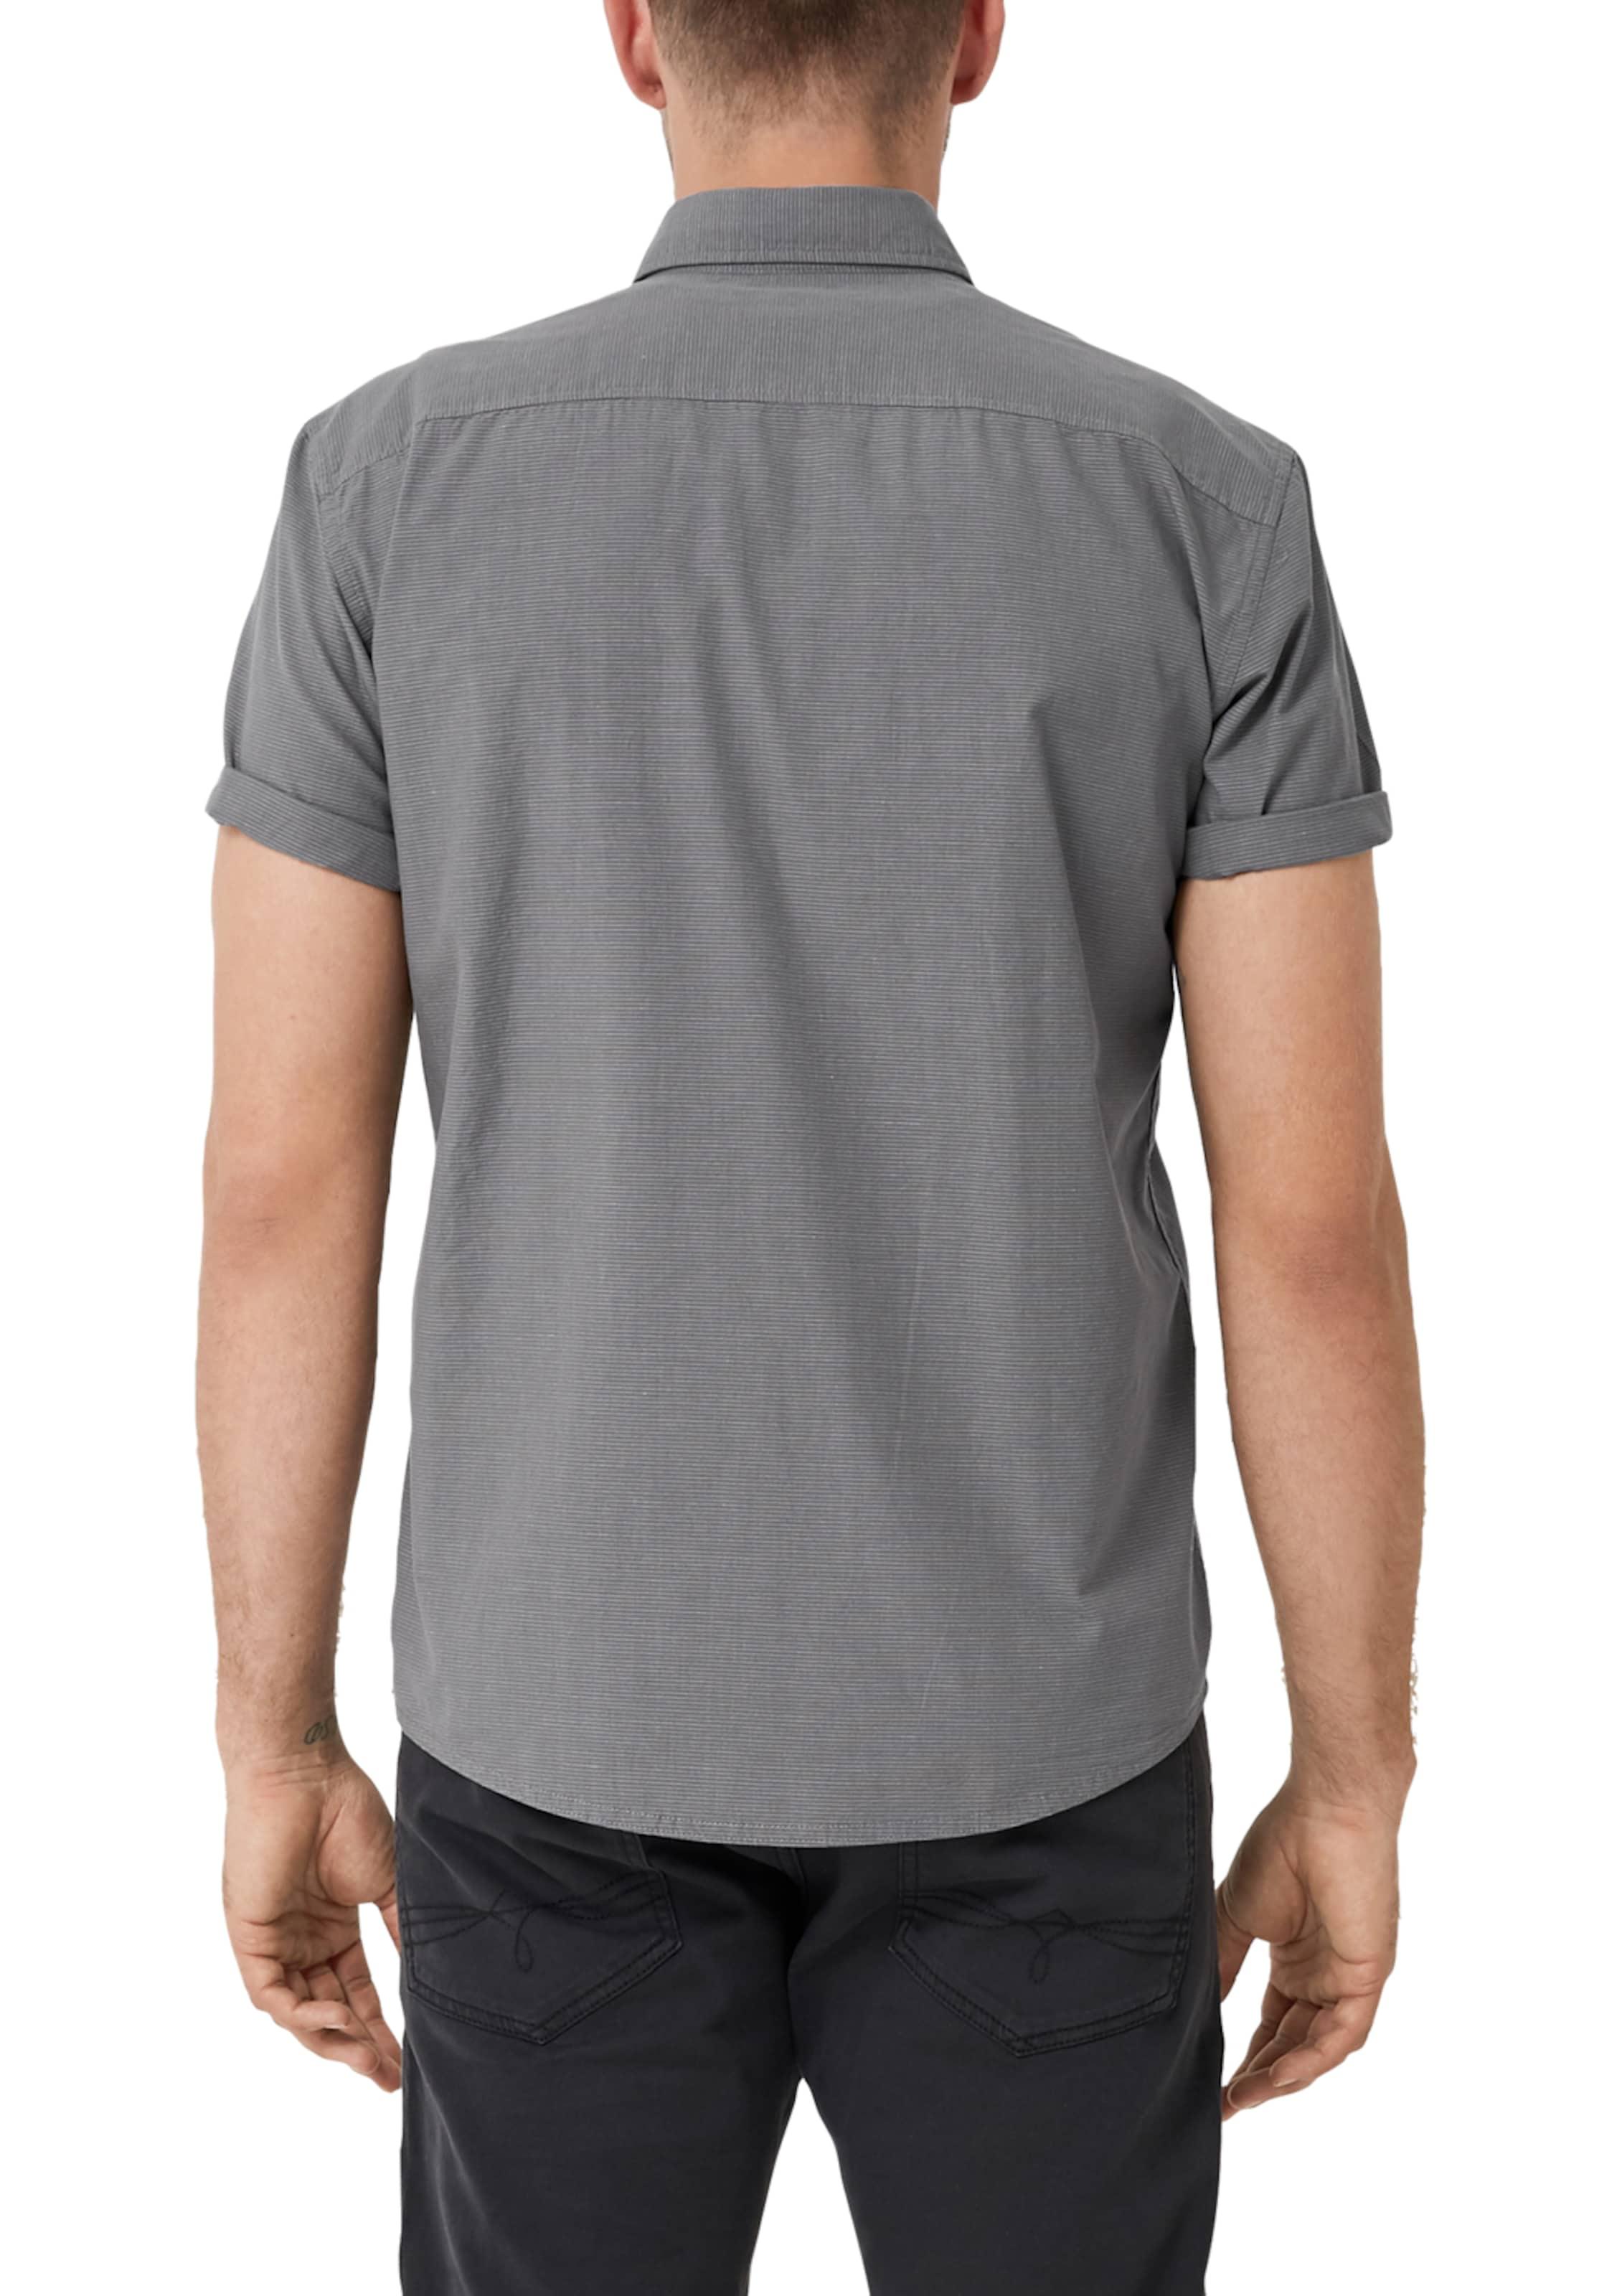 Hemd oliver DunkelgrauWeiß oliver S Hemd In S nOwPkX80